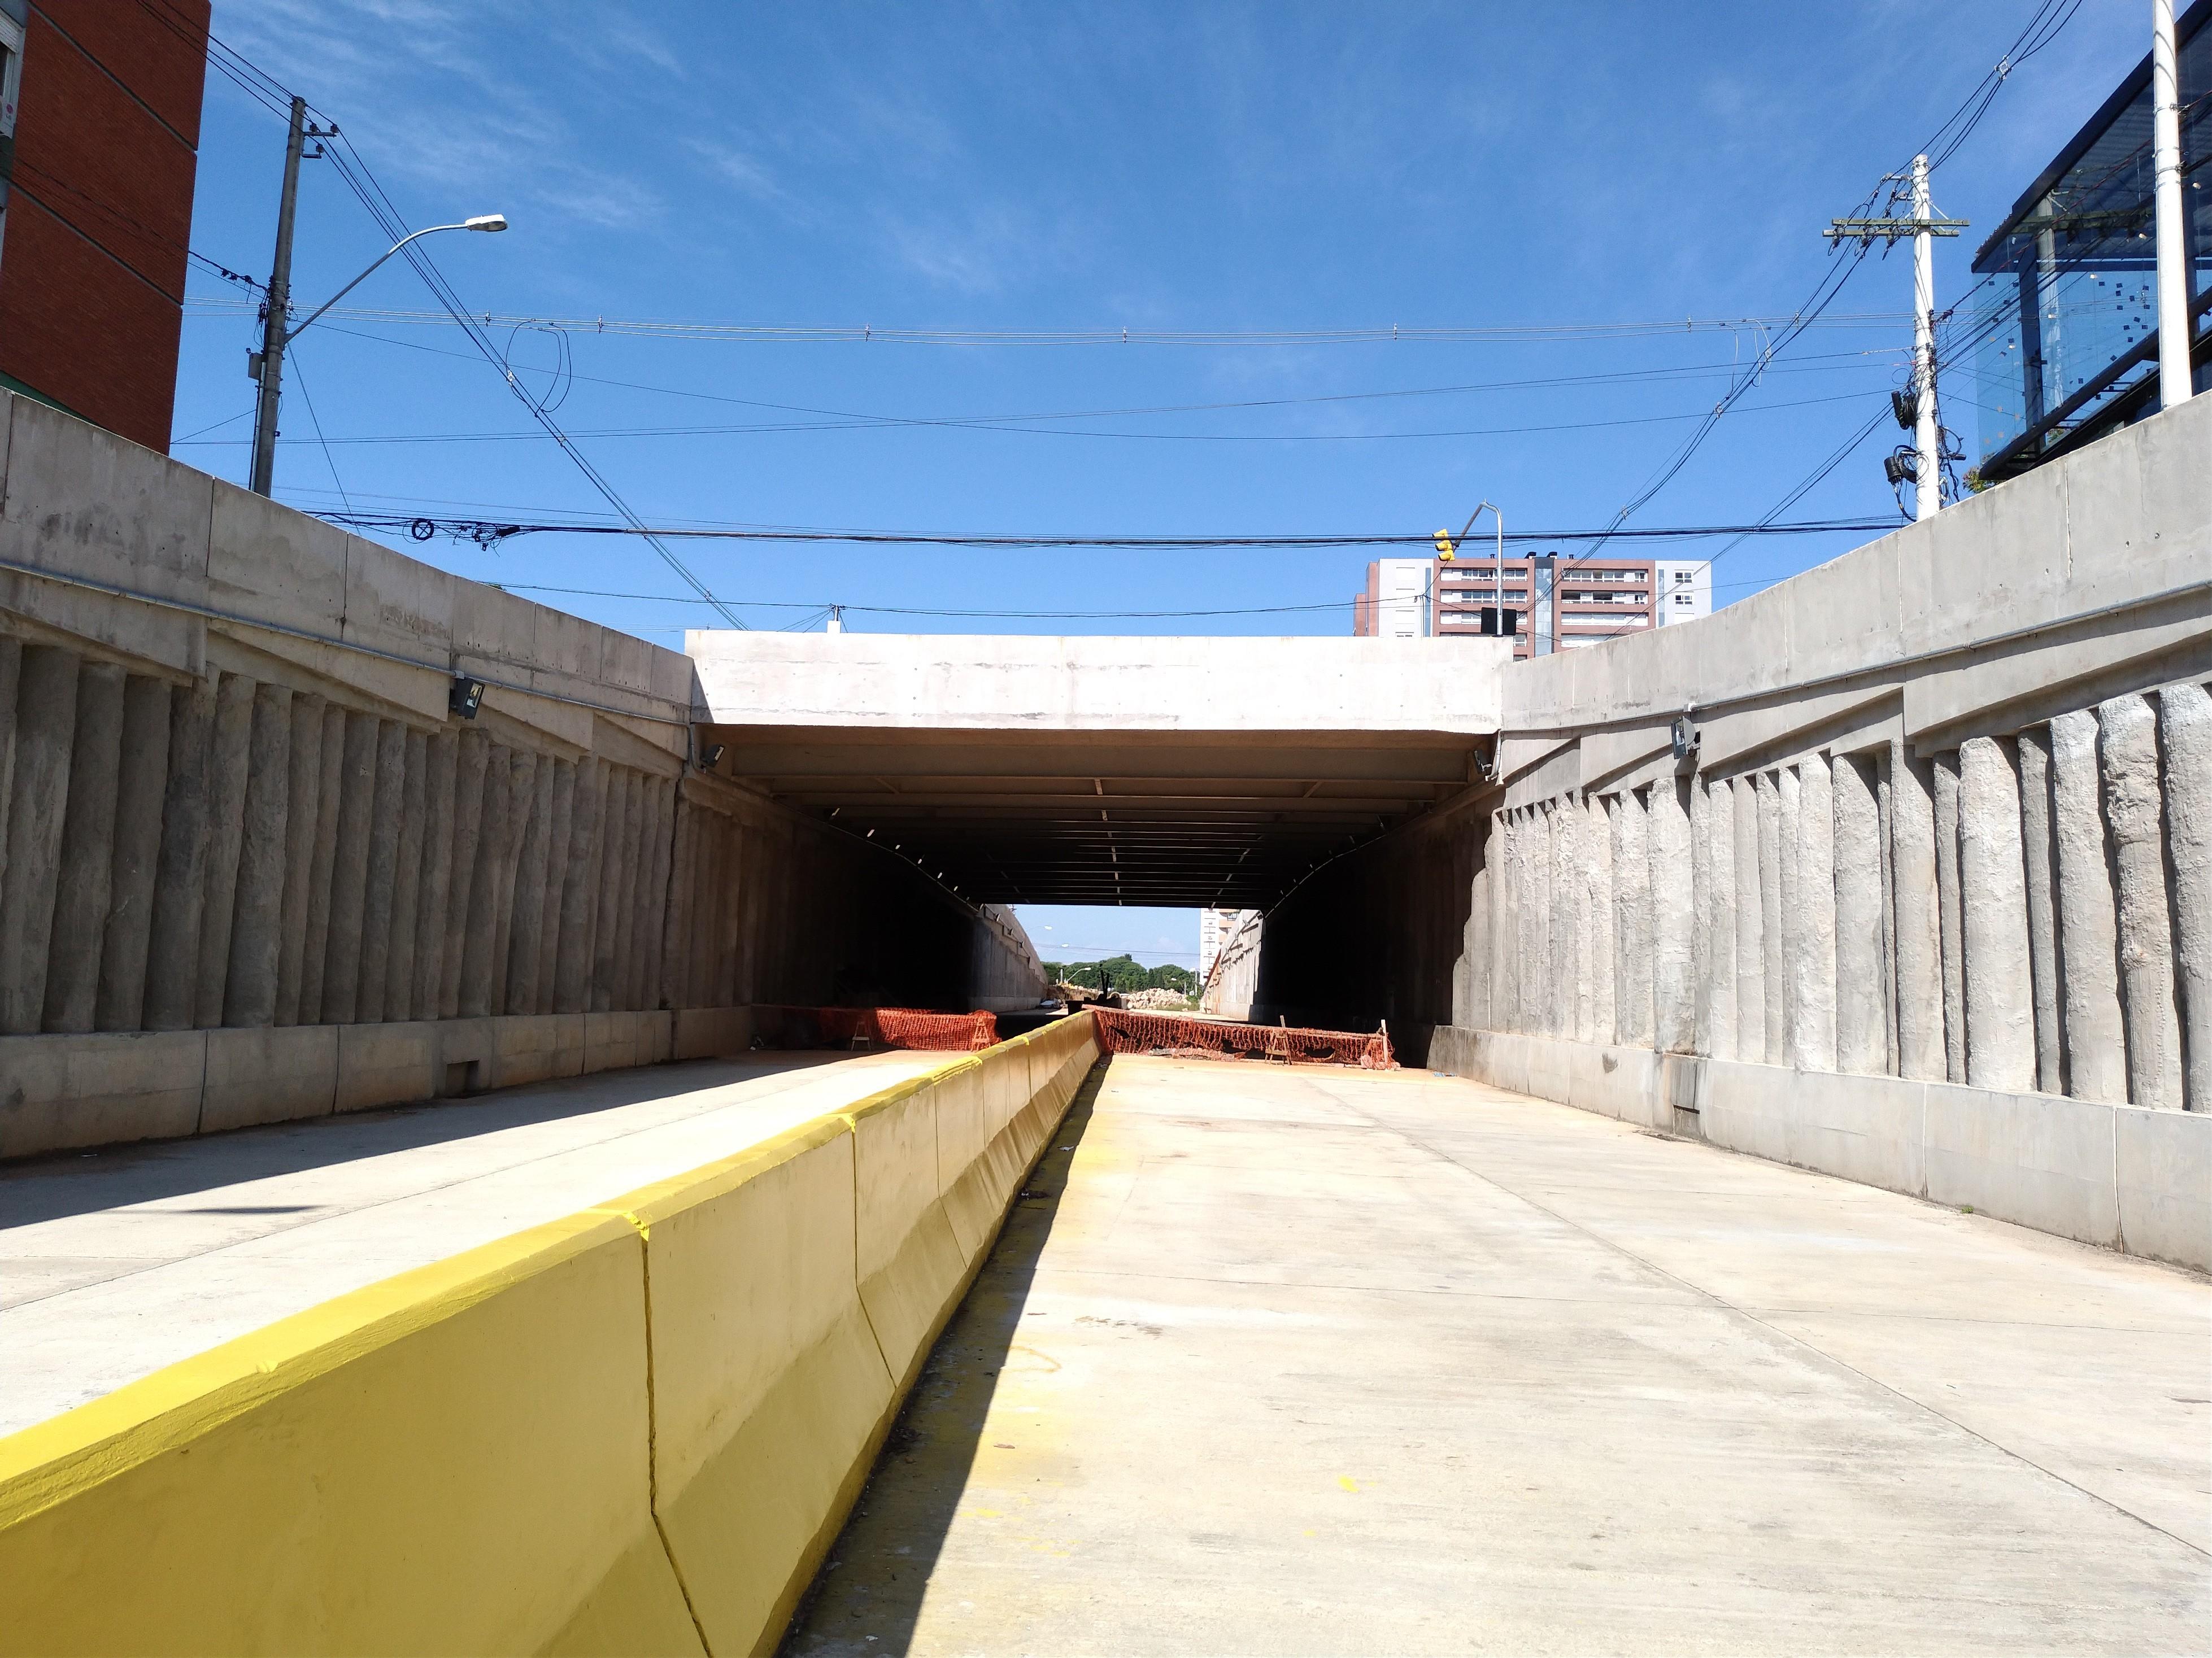 Das 18 obras previstas para Copa 2014 em Porto Alegre, 10 estão atrasadas e duas nem começaram